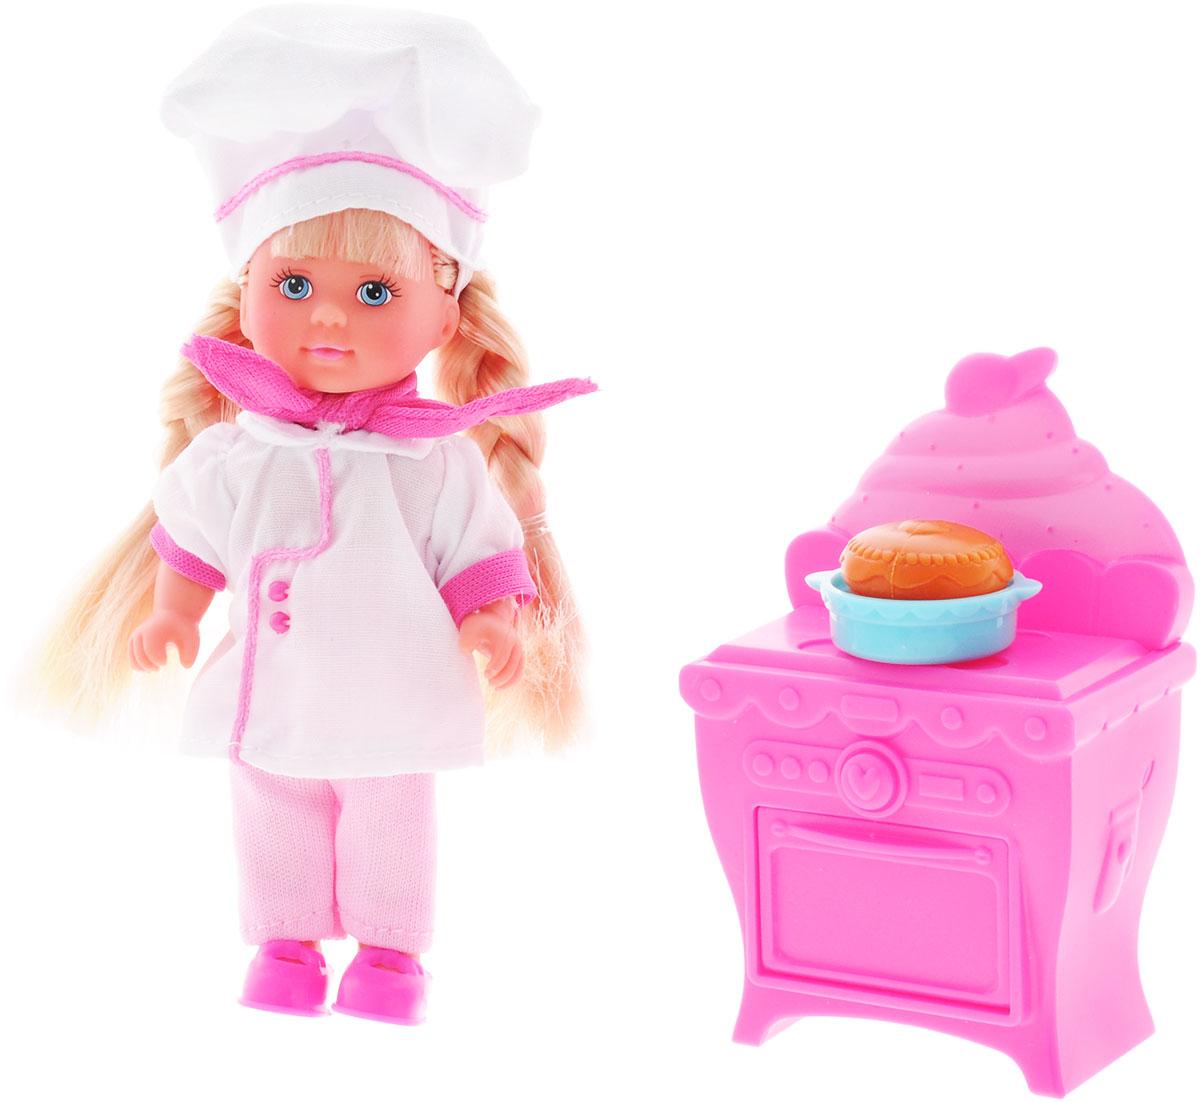 Simba Игровой набор с куклой Еви печет торт5733078Игровой набор с куклой Еви печет торт порадует любую девочку и надолго увлечет ее. Малышка Еви одета, как настоящий пекарь - на ней белый халатик, розовые брючки и большой поварской колпак. На шее повязан розовый платочек, а на ножках - розовые ботиночки. Волосы Еви заплетены в две толстые косы. Вашей дочурке непременно понравится заплетать длинные белокурые волосы куклы, придумывая разнообразные прически. В наборе с куколкой имеется плита с духовкой и готовый тортик на тарелке. Руки, ноги и голова куклы подвижны, благодаря чему ей можно придавать разнообразные позы. Игры с куклой способствуют эмоциональному развитию, помогают формировать воображение и художественный вкус, а также разовьют в вашей малышке чувство ответственности и заботы. Великолепное качество исполнения делают эту куколку чудесным подарком к любому празднику.